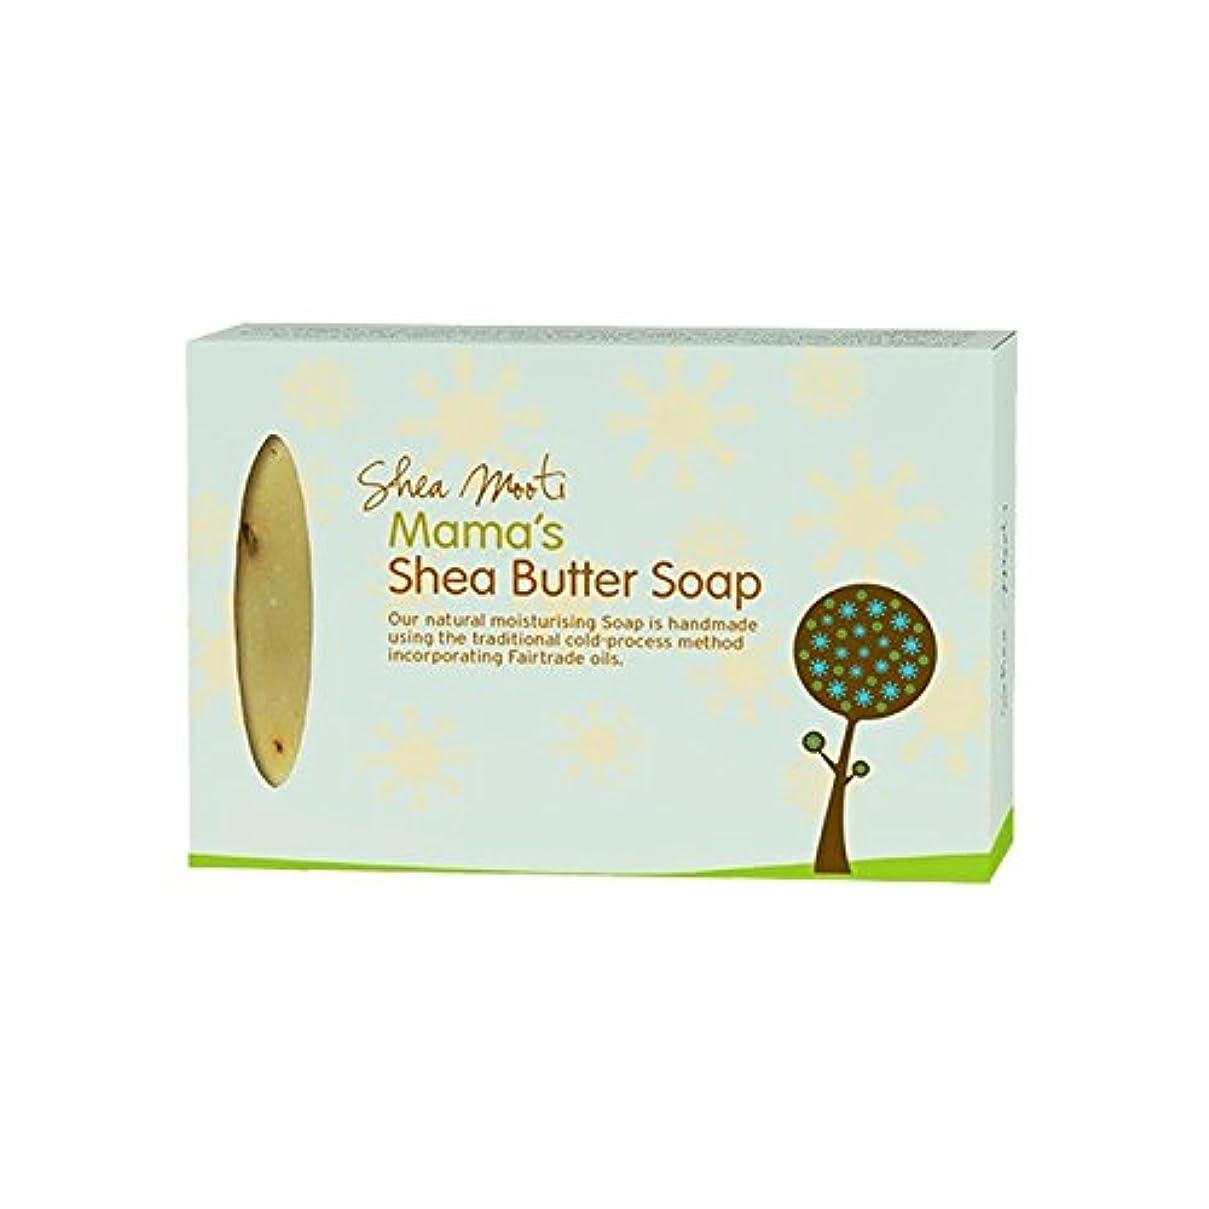 作ります国位置づけるシアバターMootiママのシアバターソープ100グラム - Shea Mooti Mama's Shea Butter Soap 100g (Shea Mooti) [並行輸入品]